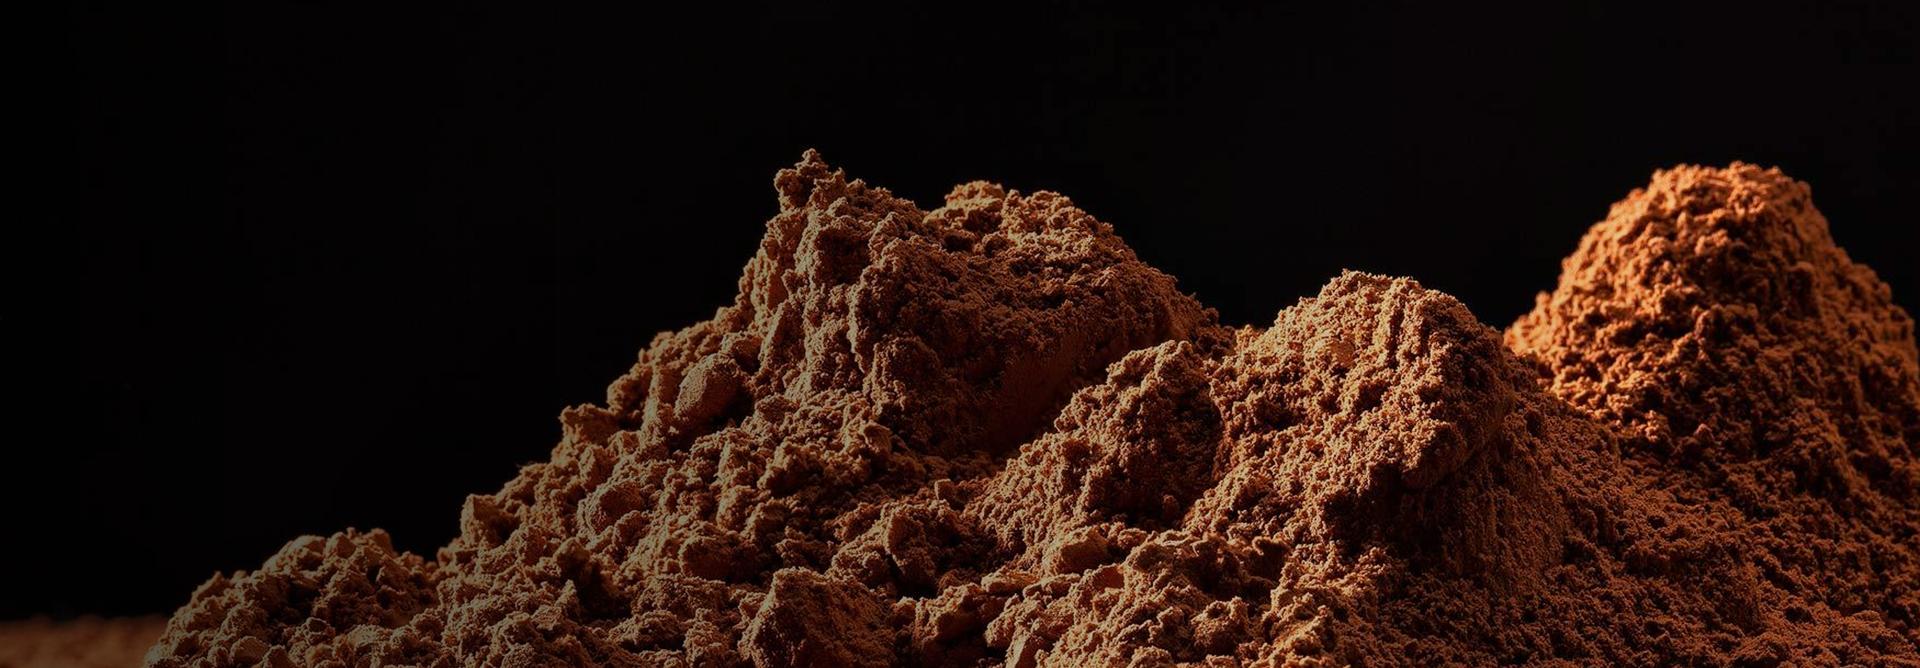 Loos Cacao B.V. - De specialist in cacao verwerking